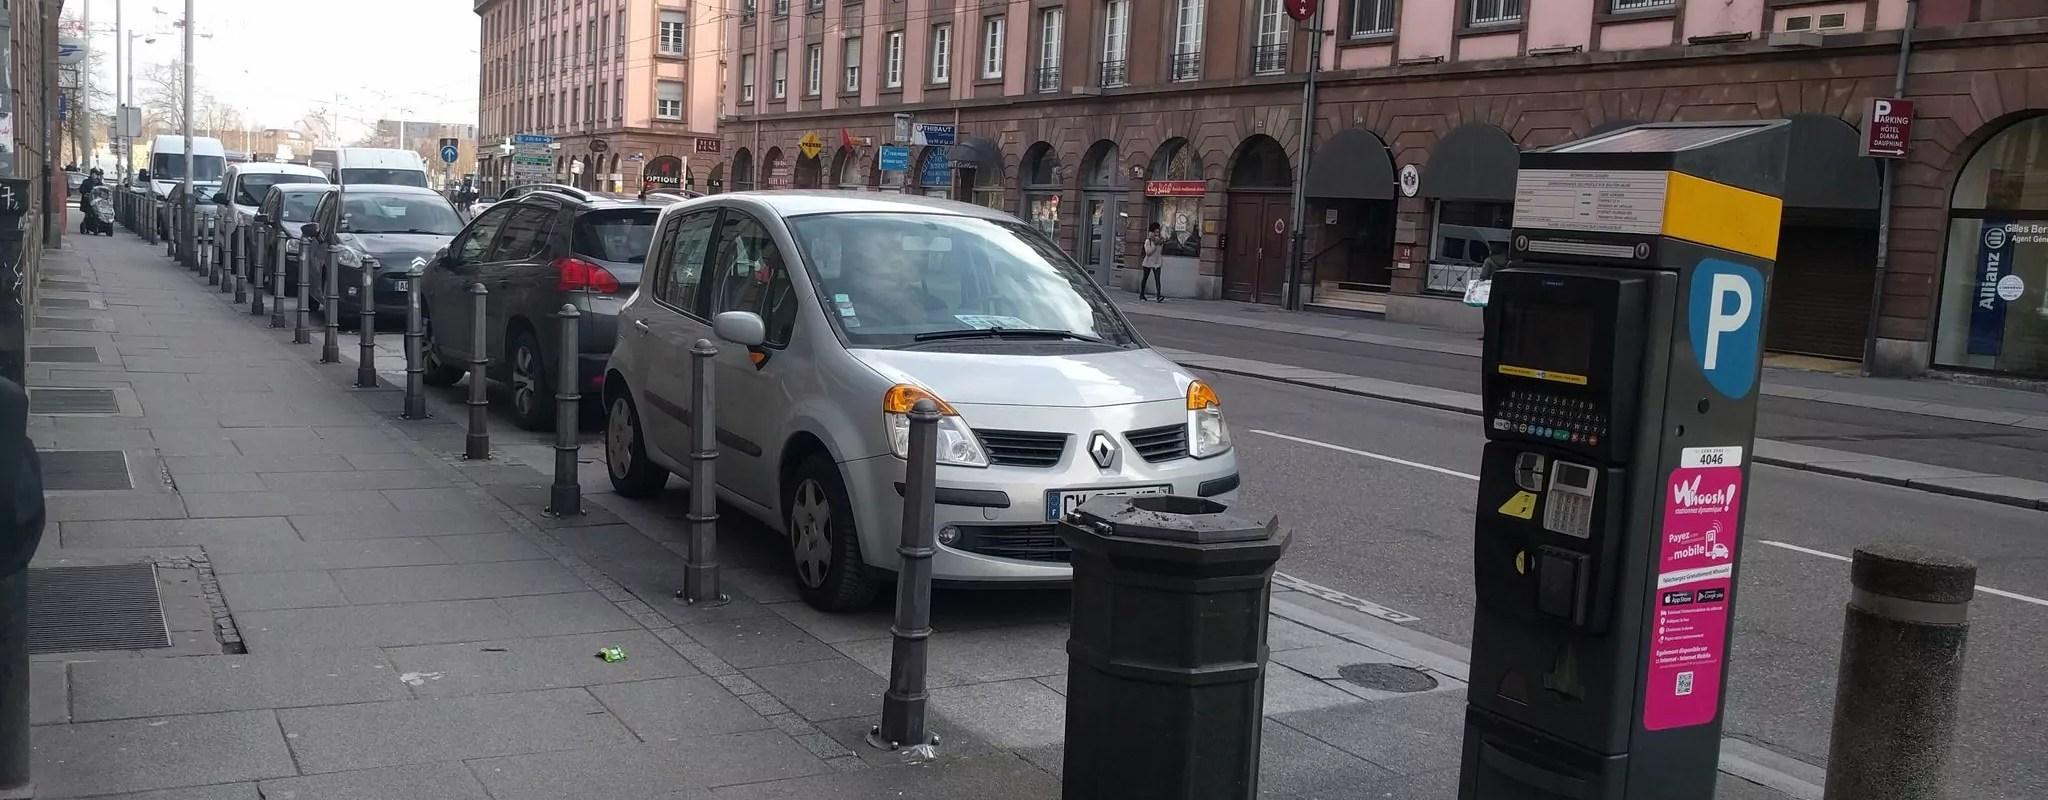 Le luxe de garer sa voiture devant chez soi en débat au conseil municipal